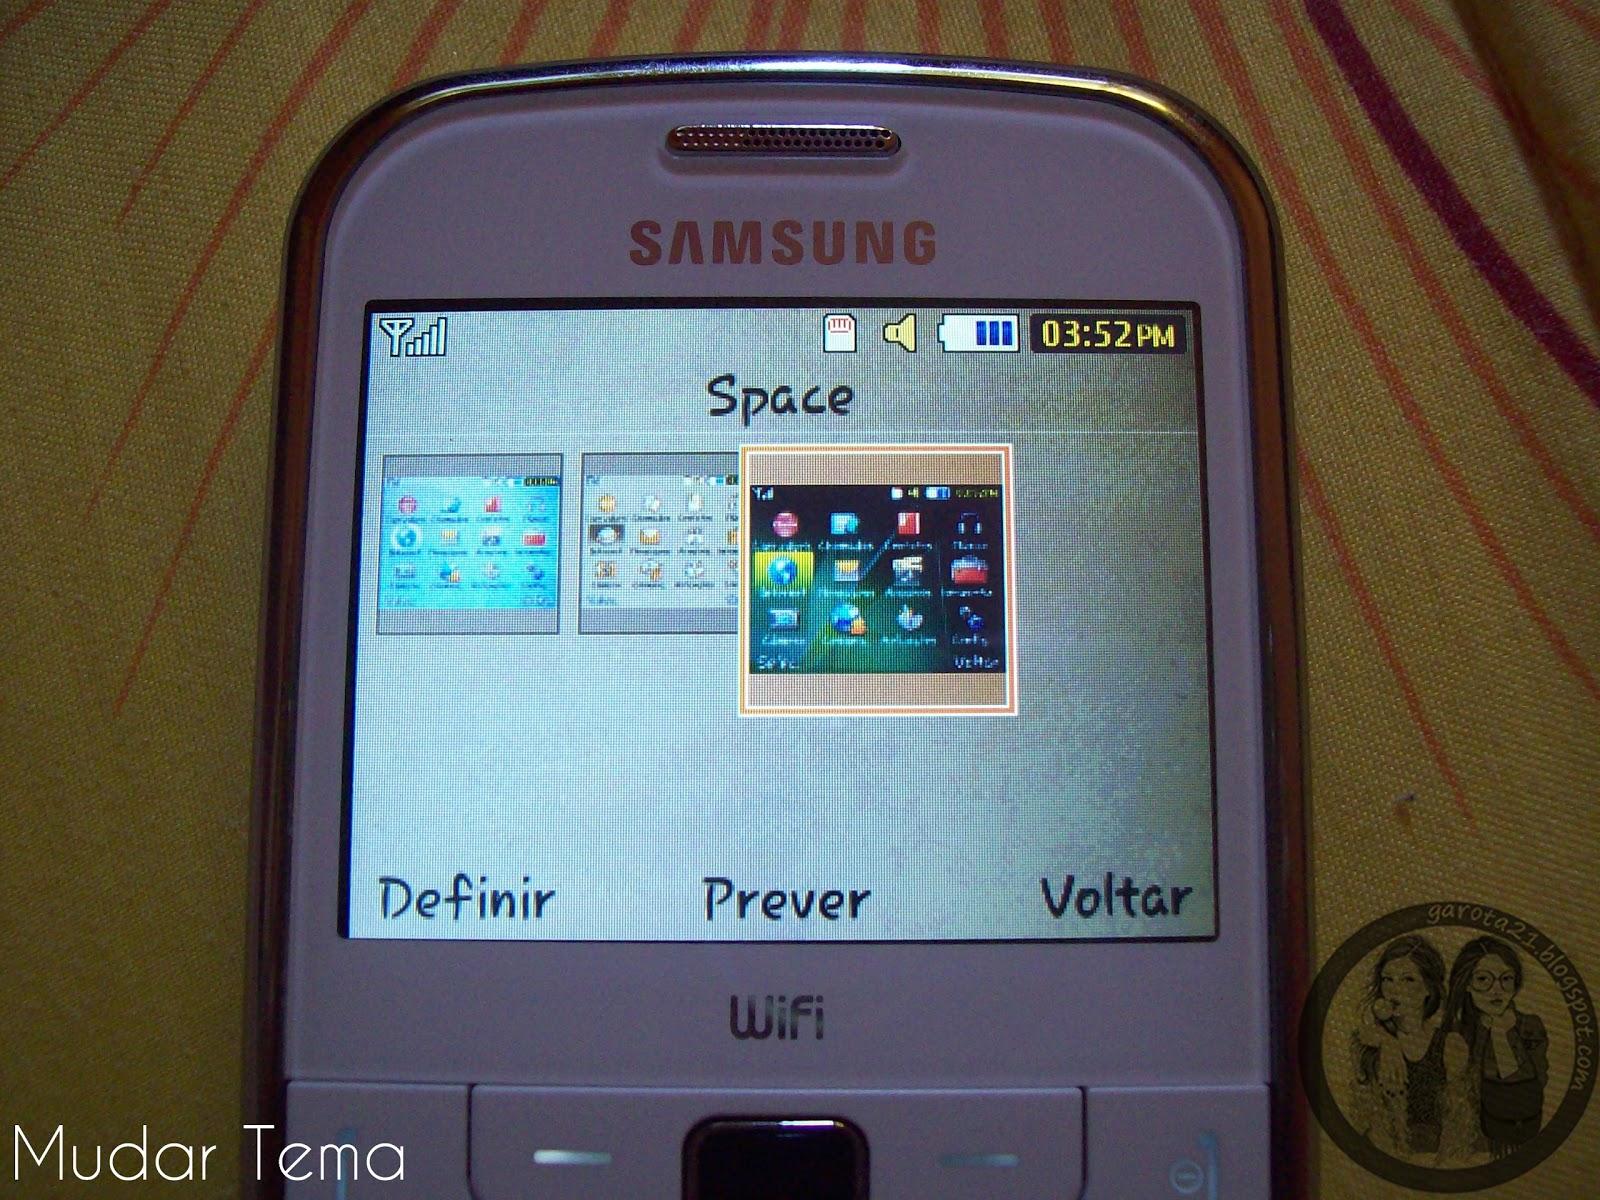 Samsung Galaxy Celulares Samsung Galaxy Americanas  - imagens de celulares da samsung